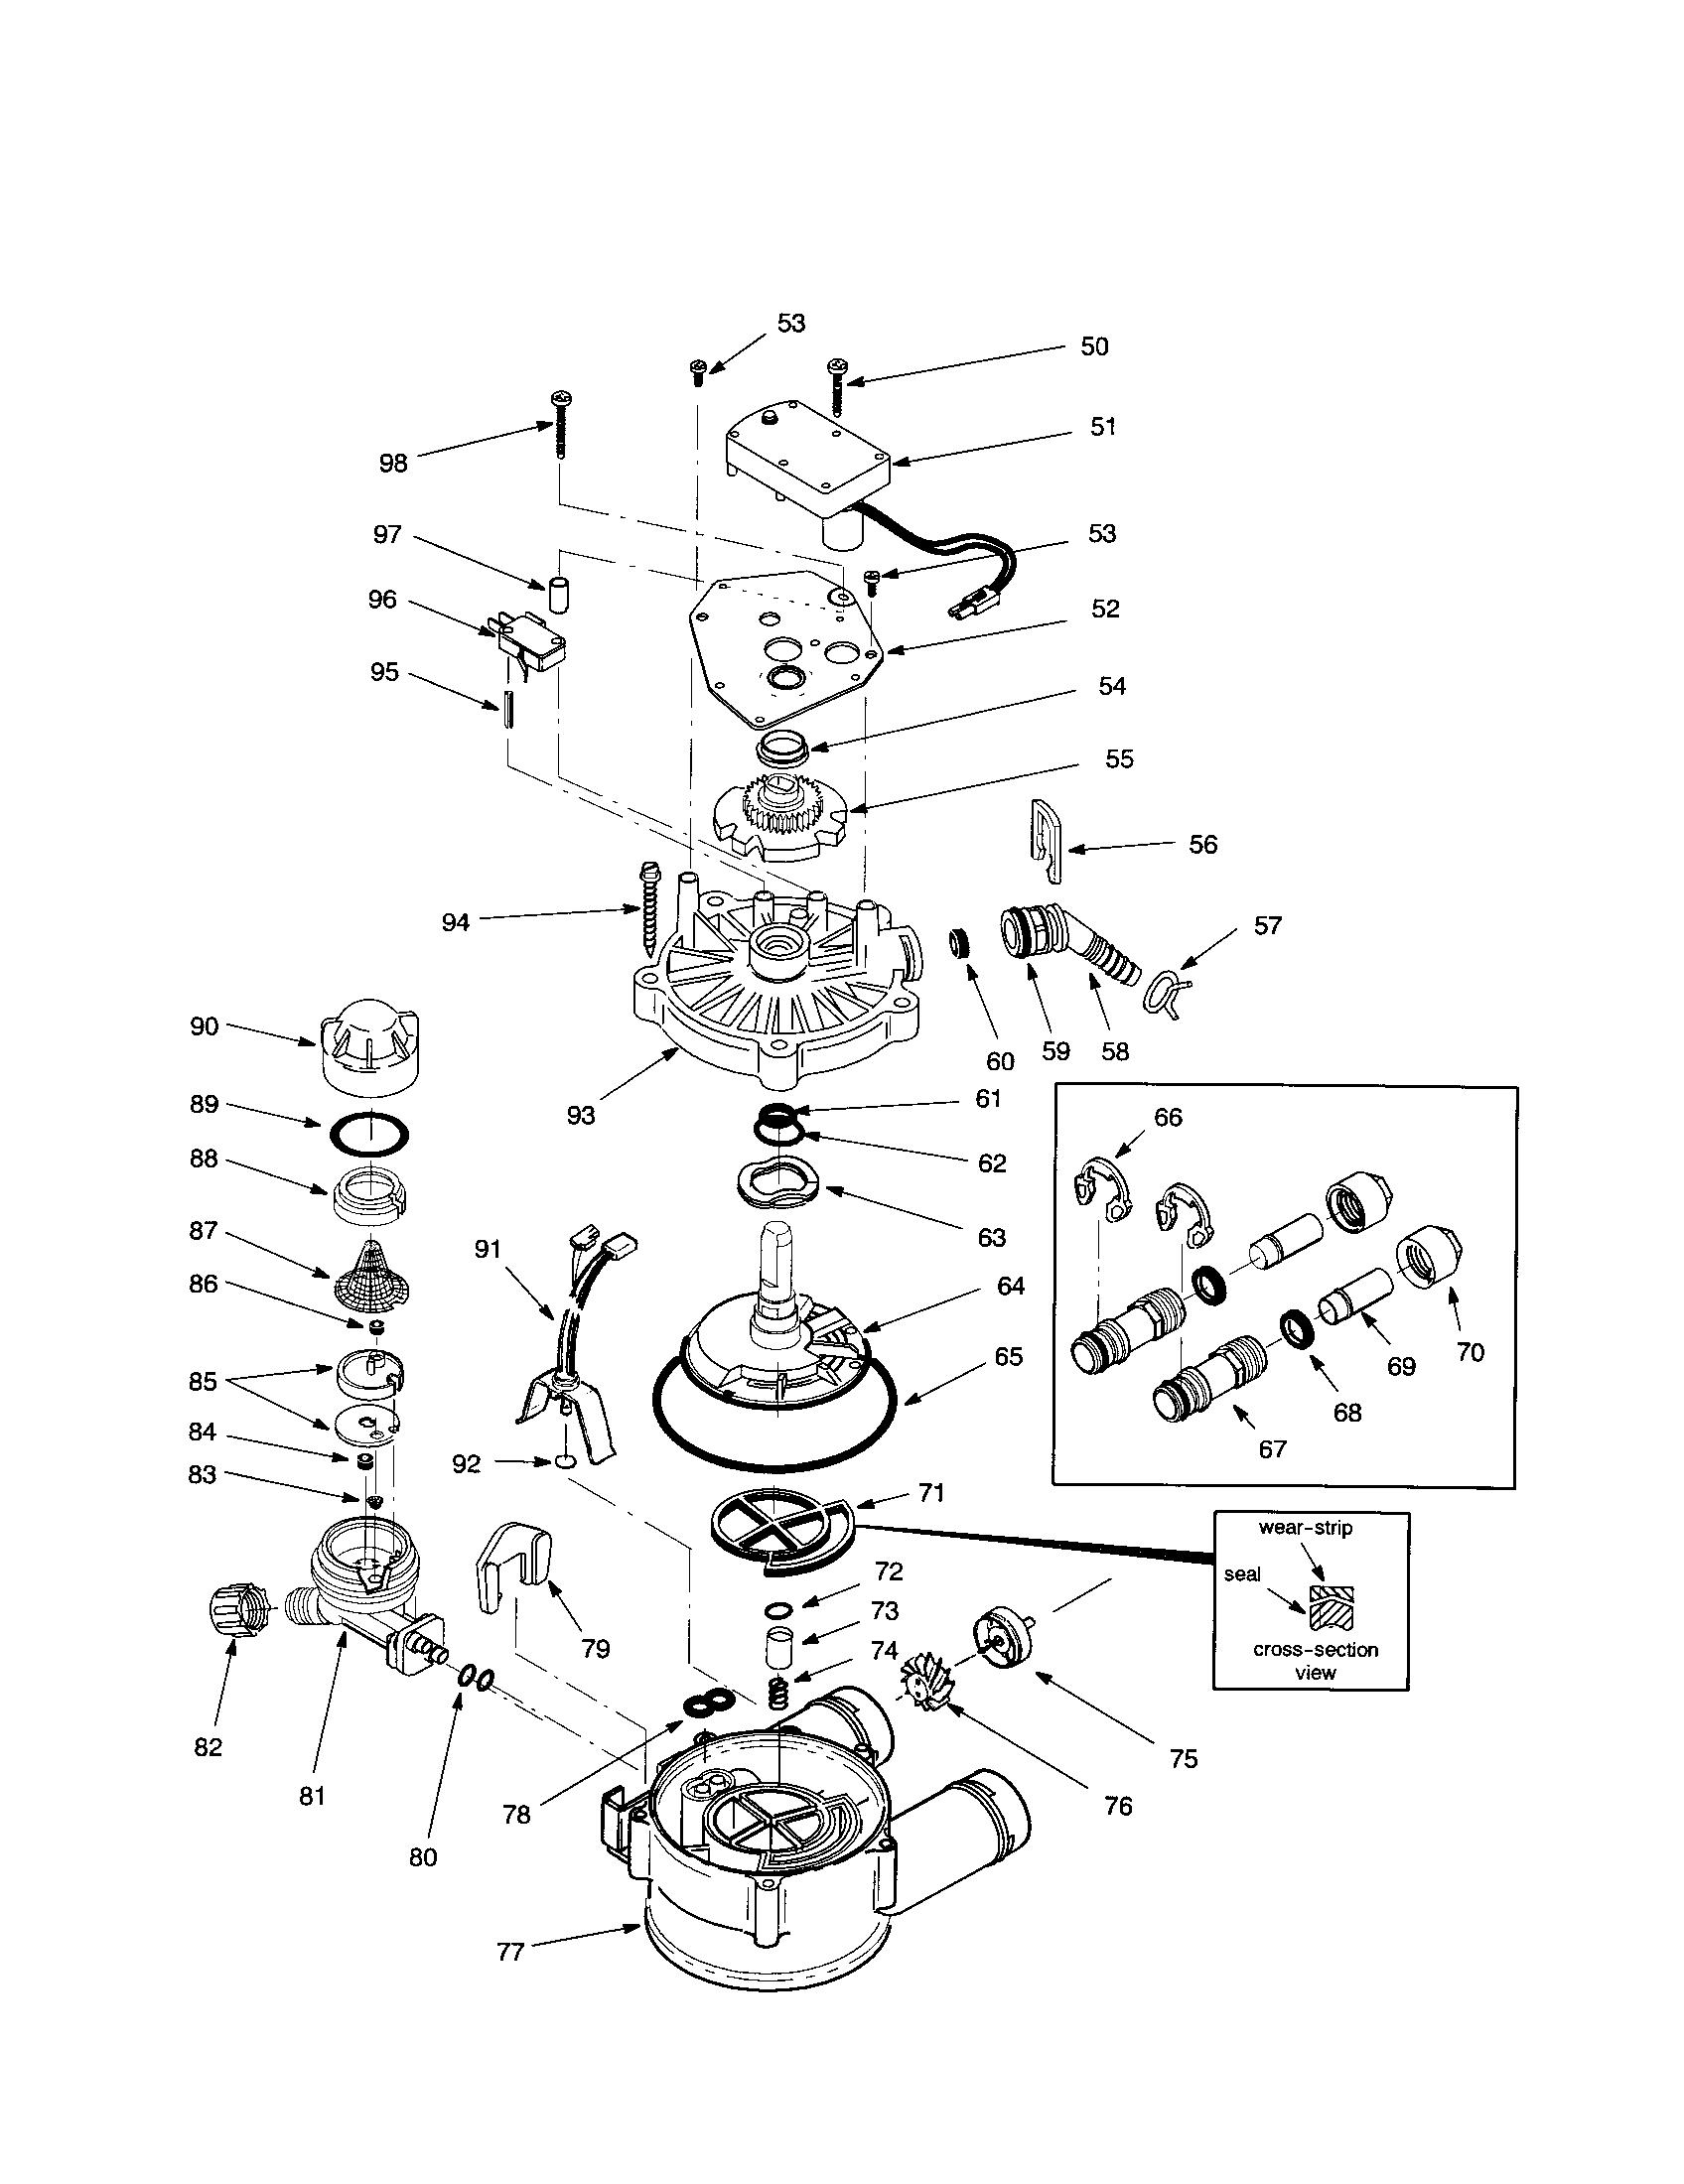 kenmore water softener parts diagram